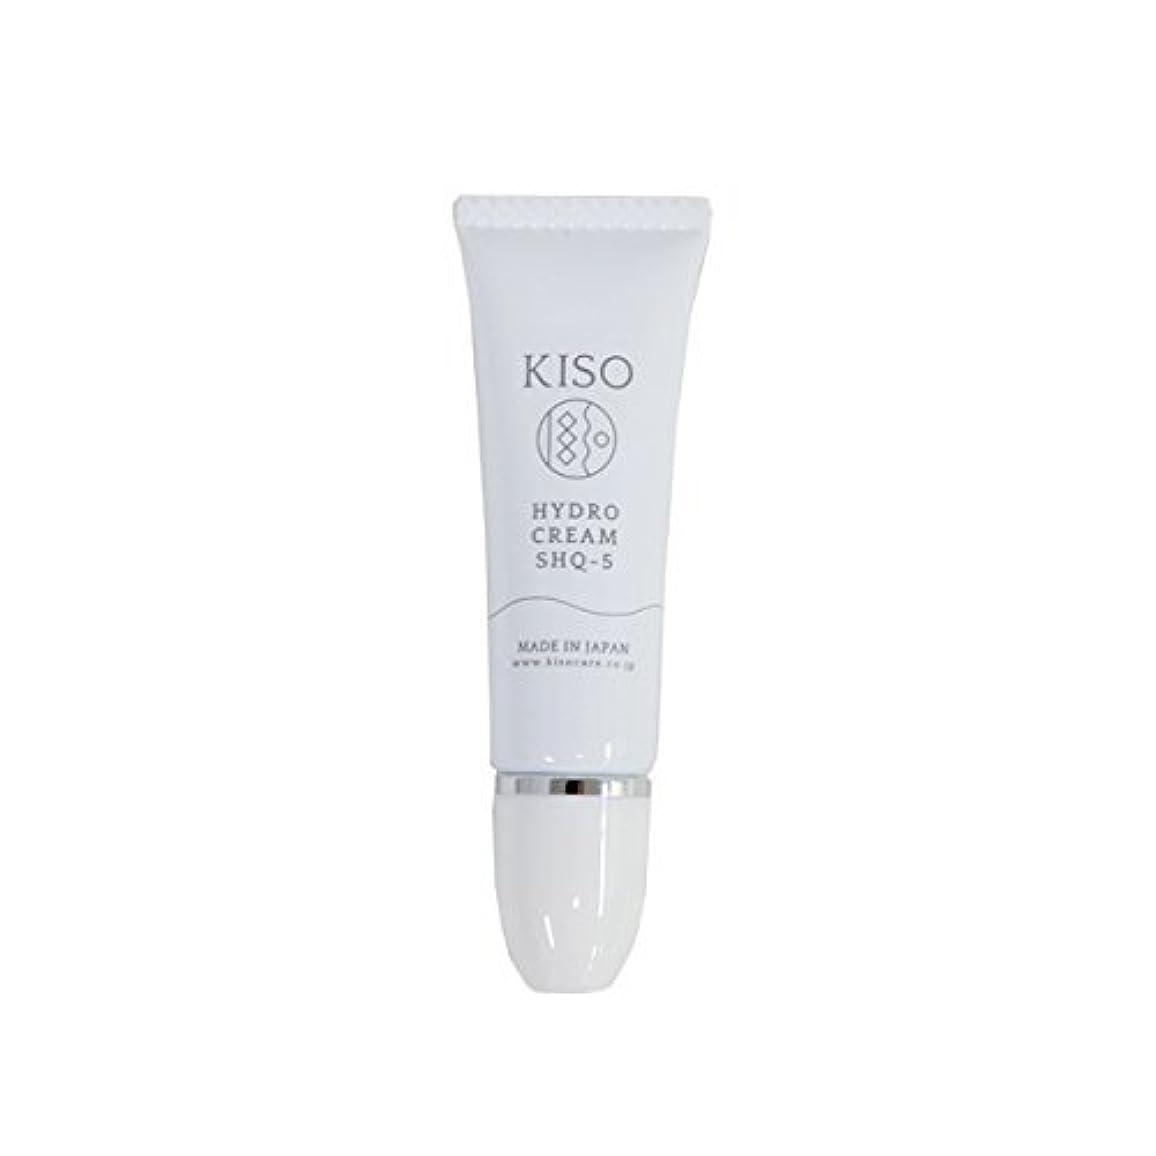 虫ピボット髄KISO 安定型 ハイドロキノン 5%配合【ハイドロ クリーム SHQ-5 10g】スキンケアで肌を整えた後にちょこっとケア 日本製